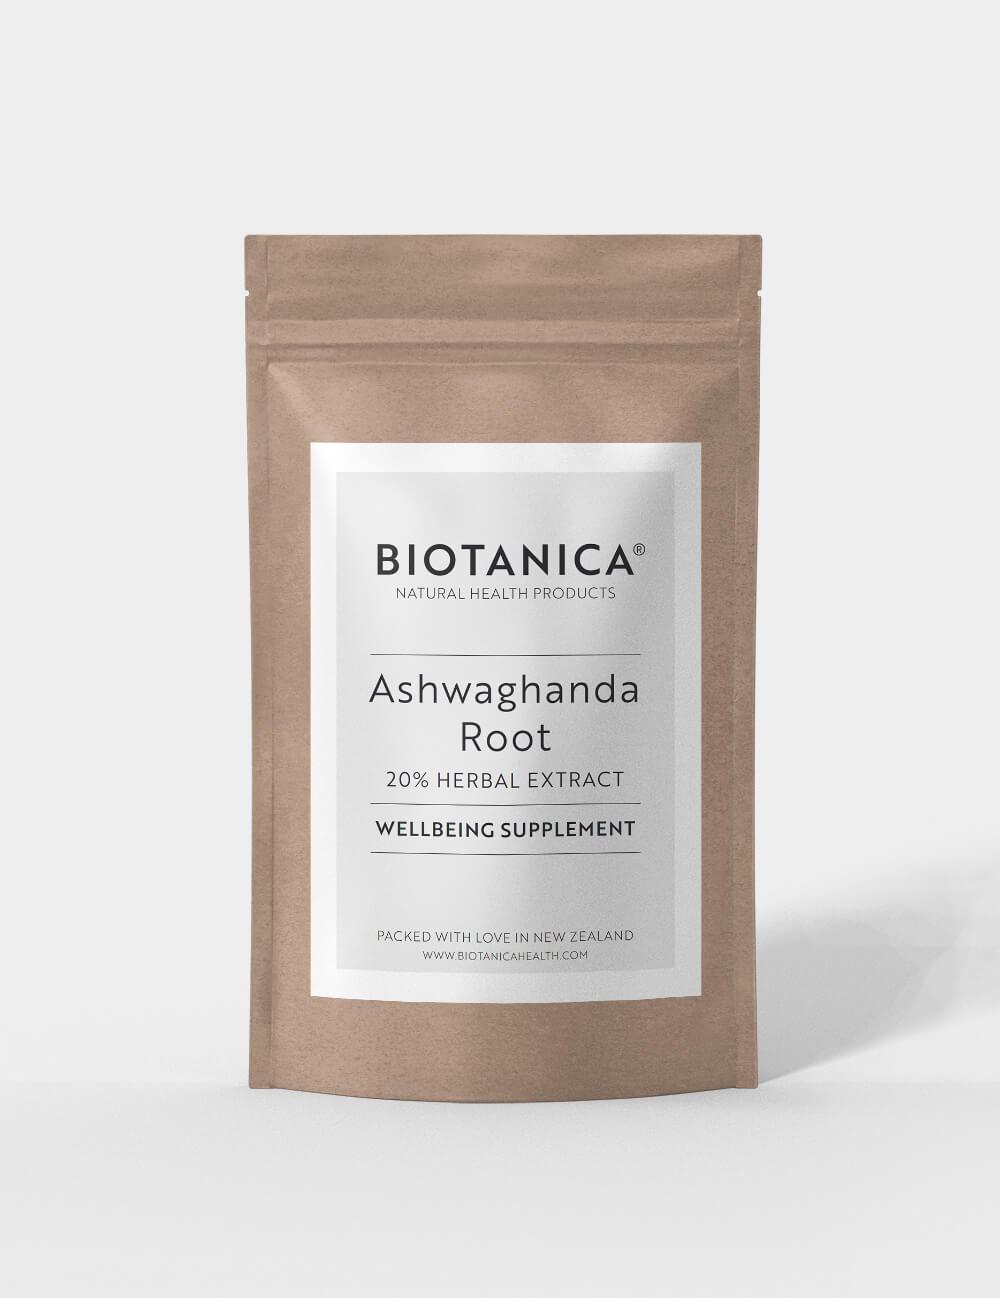 Ashwagandha Root Image 1